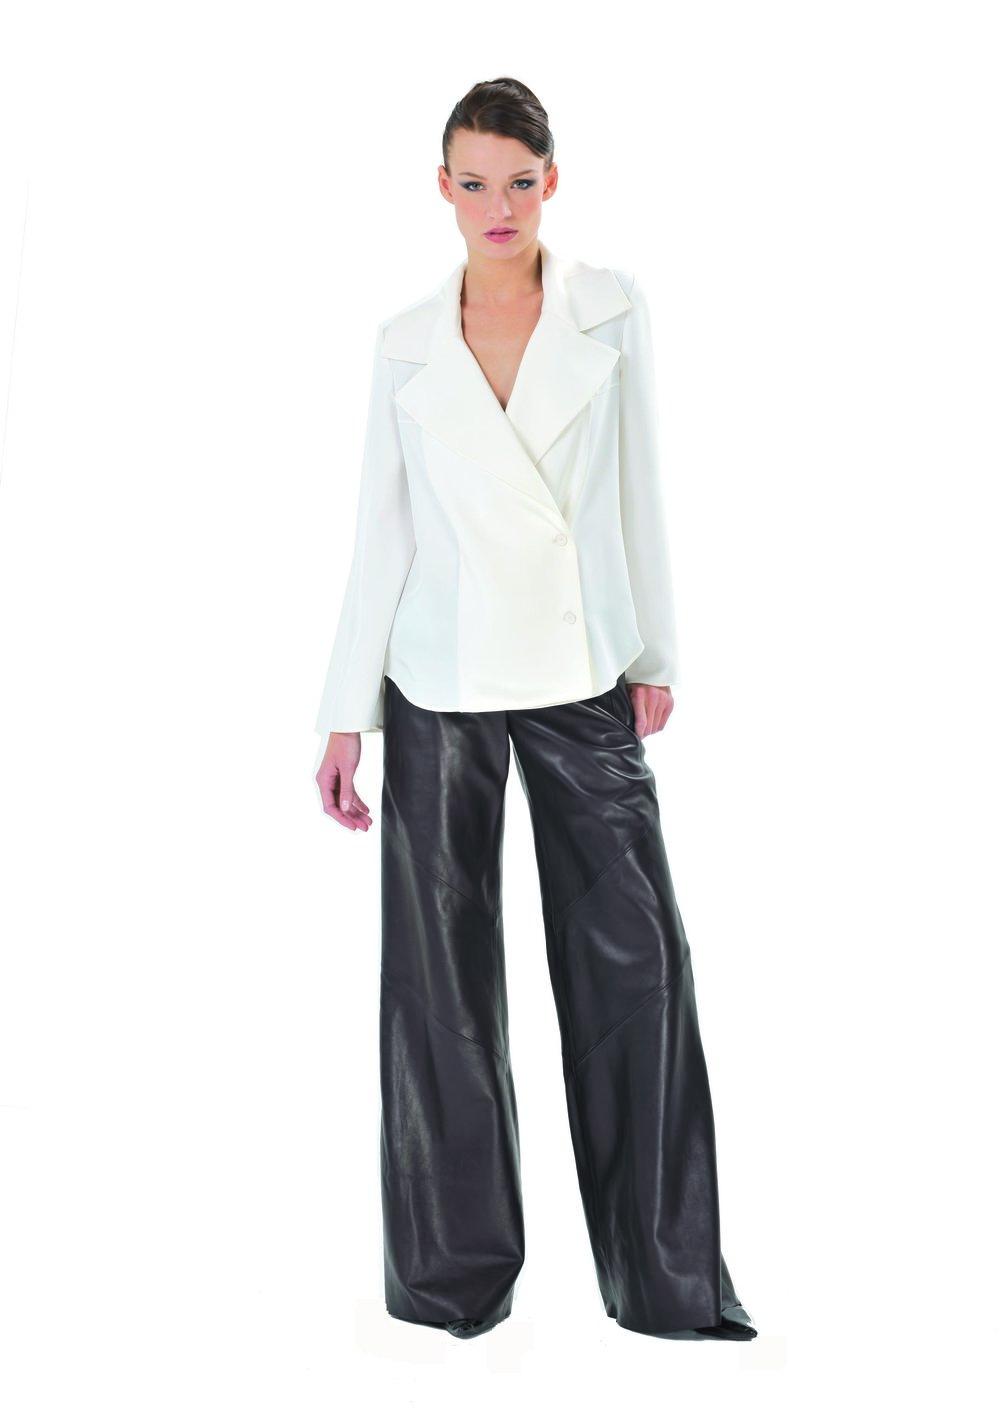 CHANASYA Shirt & KANOA Pants